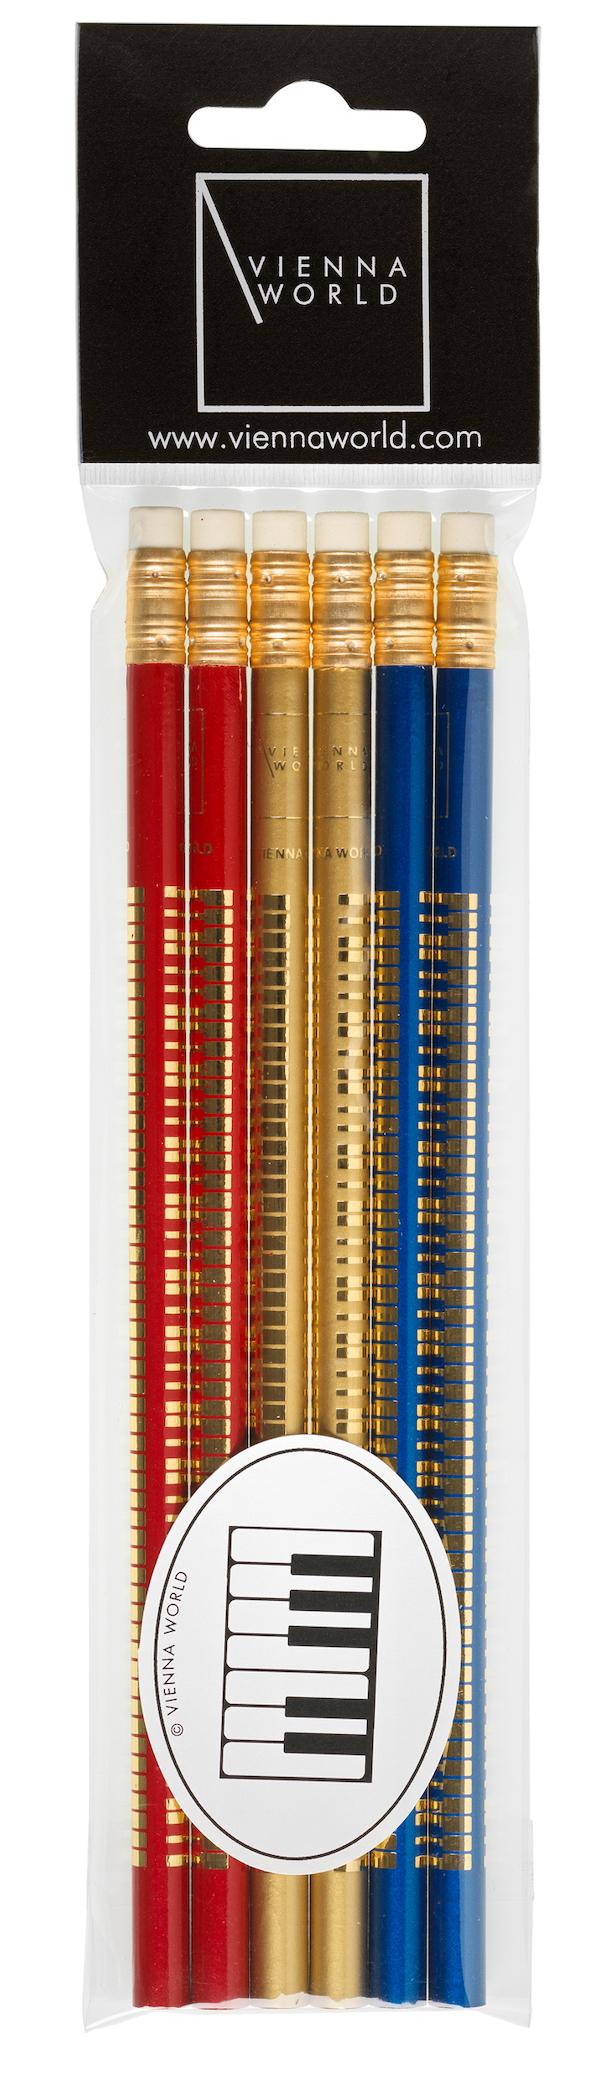 Bleistiftset Violinschlüssel bunt (6 Stk)